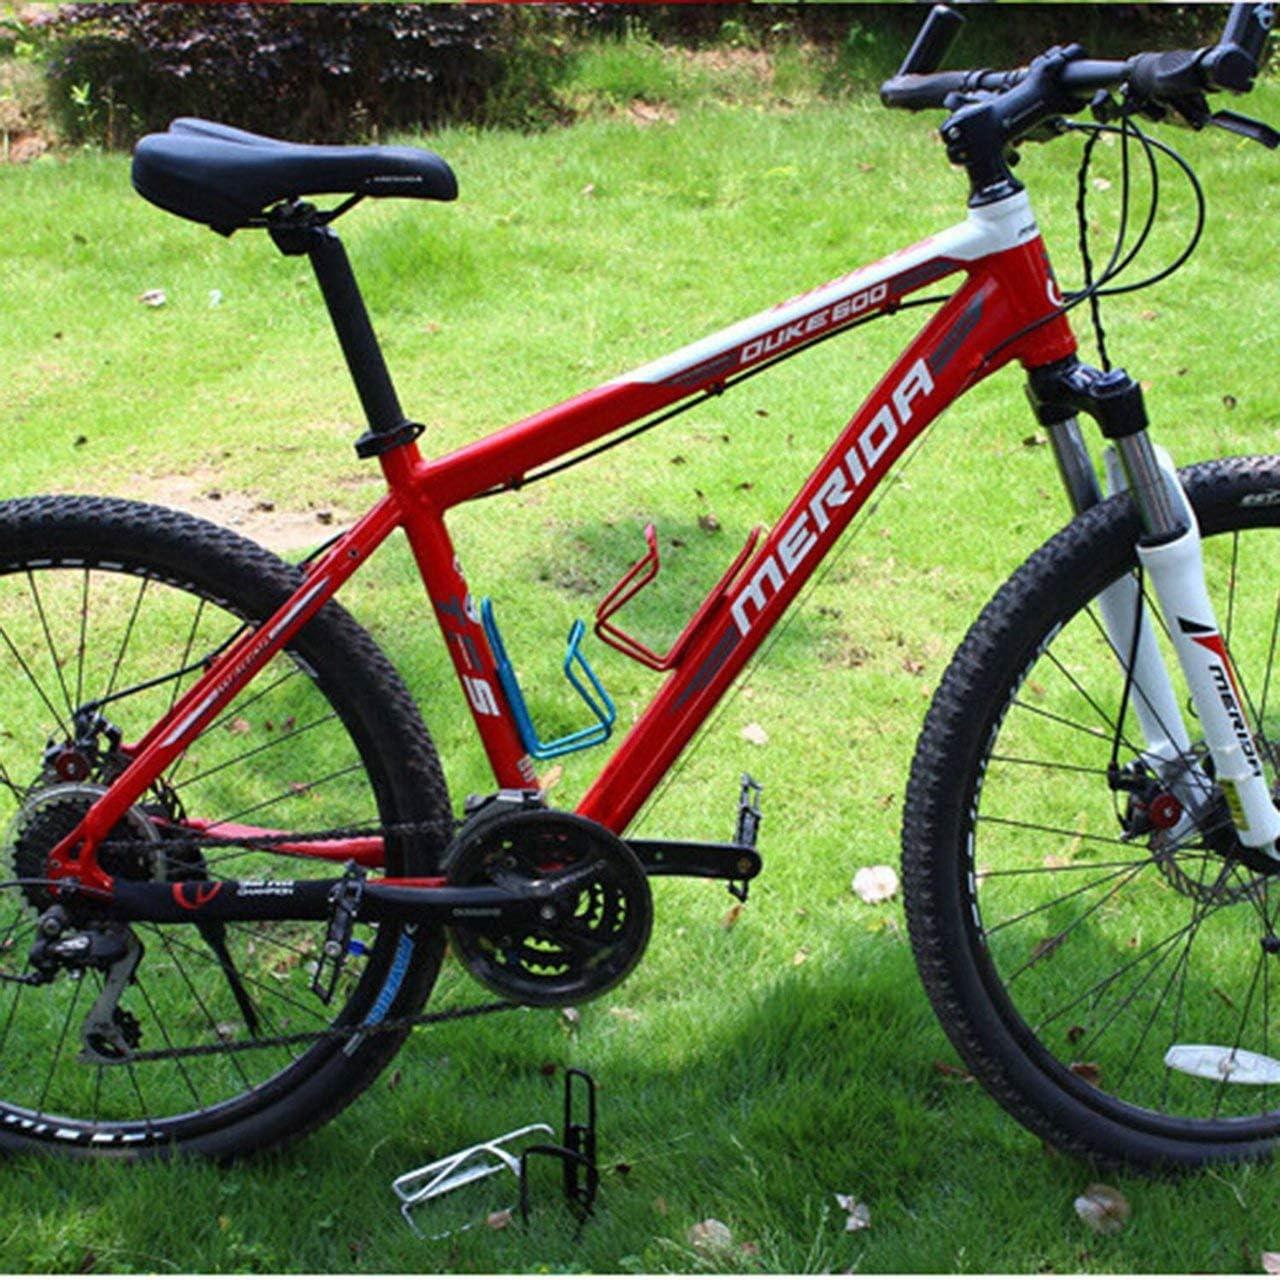 Formulaone Ultra Leggero in Lega di Alluminio Portaborraccia per Bicicletta Gabbia MTB Bici da Strada Bottiglie per Bevande Supporto per Rack Accessori per Ciclismo-Blu